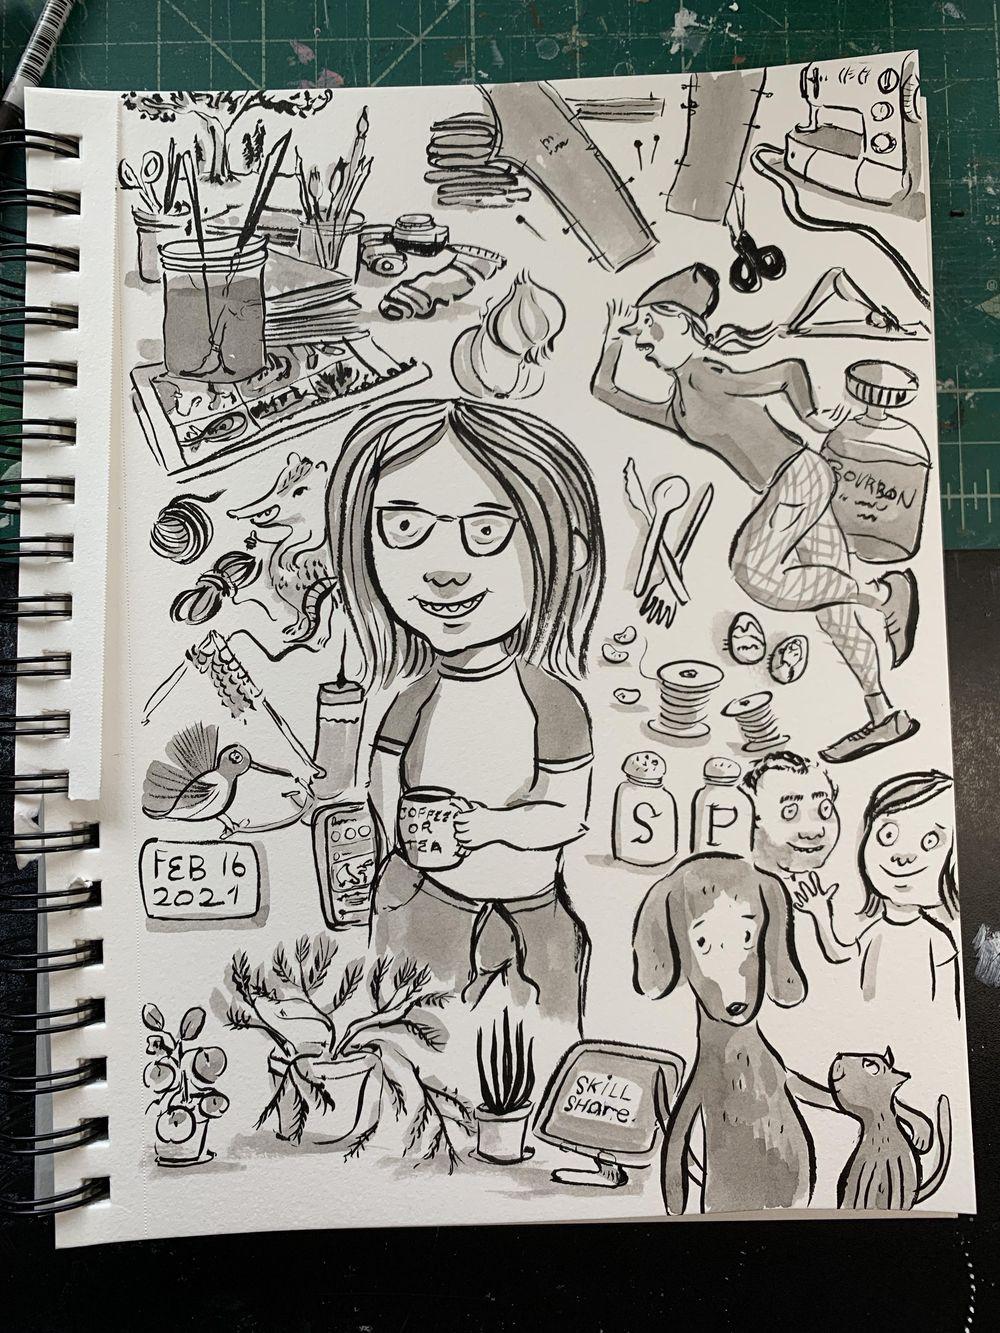 Sketchbook Challenge - image 10 - student project